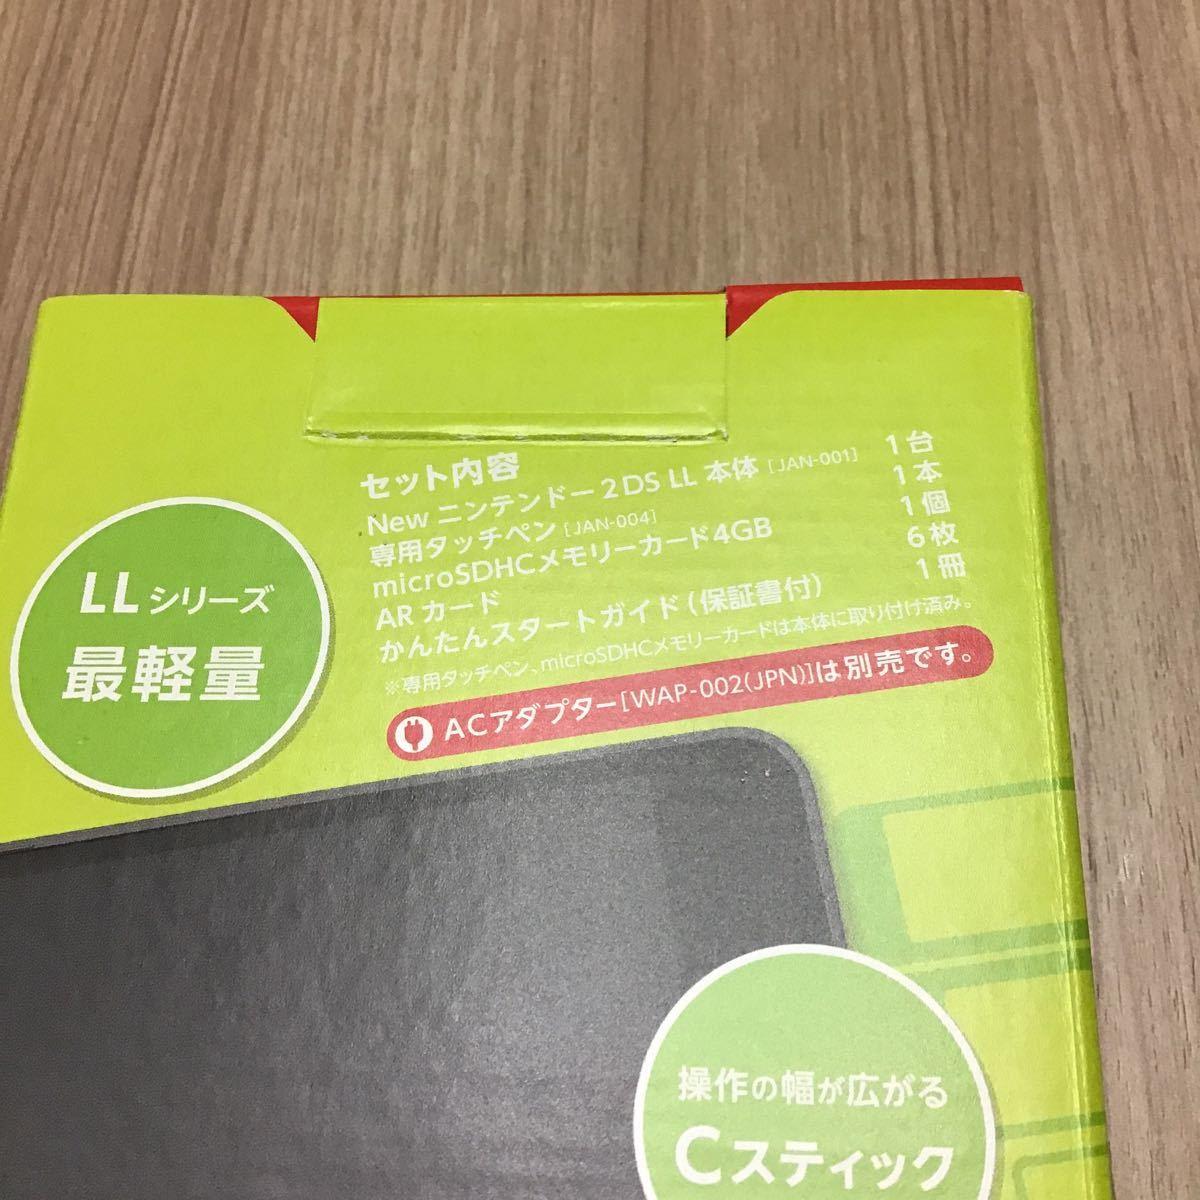 Newニンテンドー2DS LL 【ブラック×ライム】